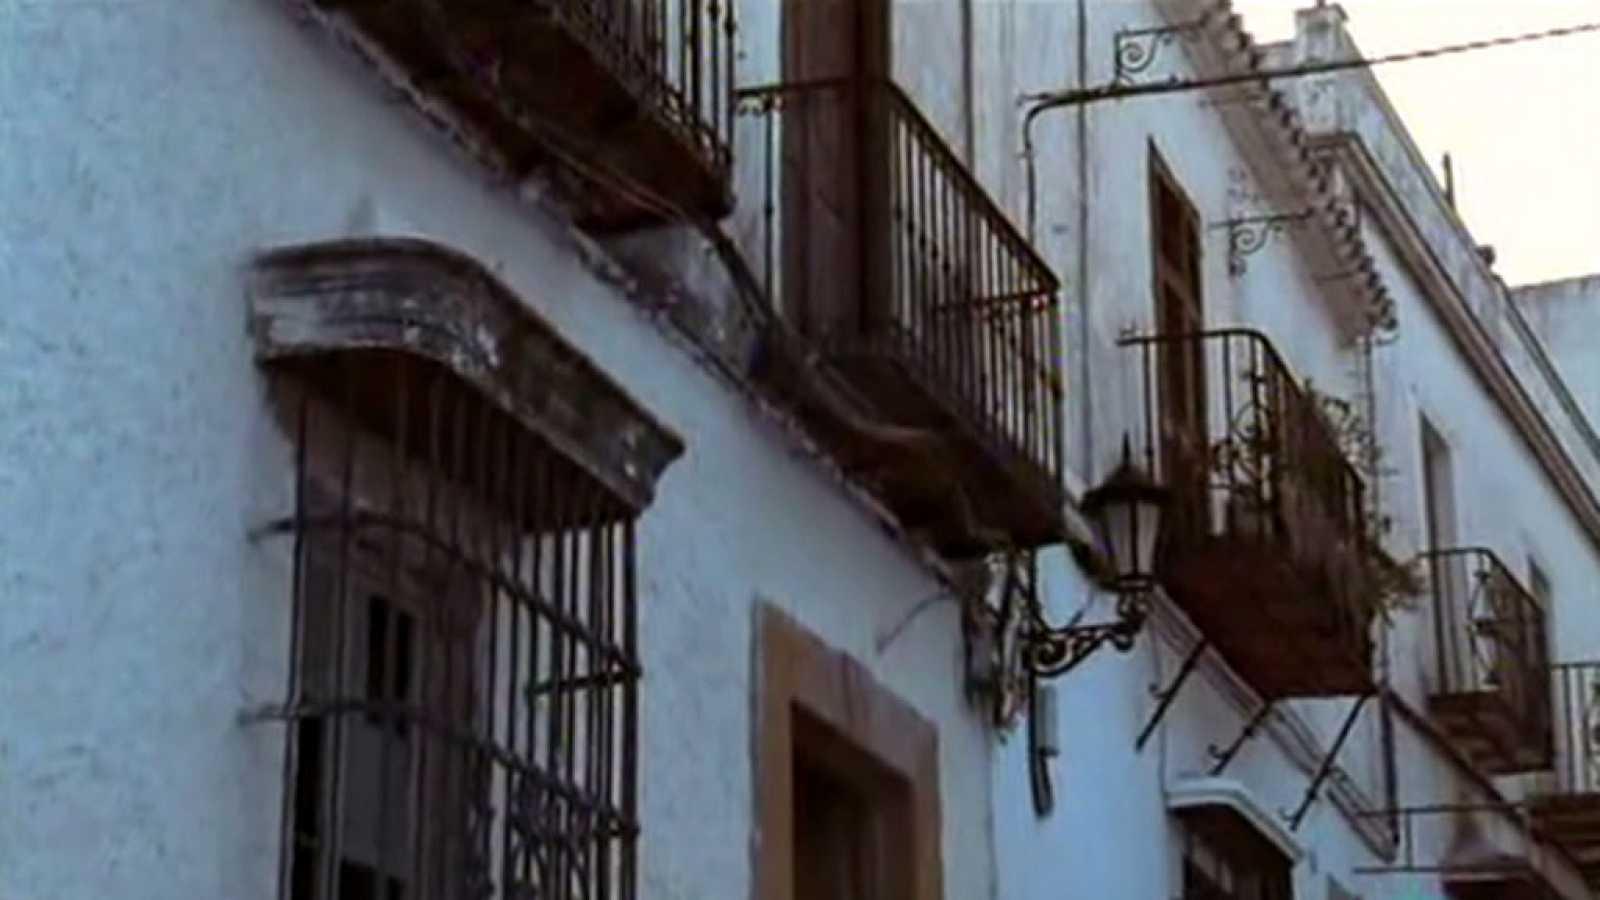 Esta es mi tierra - San Roque, Ronda, Córdoba: pretérito imperfecto